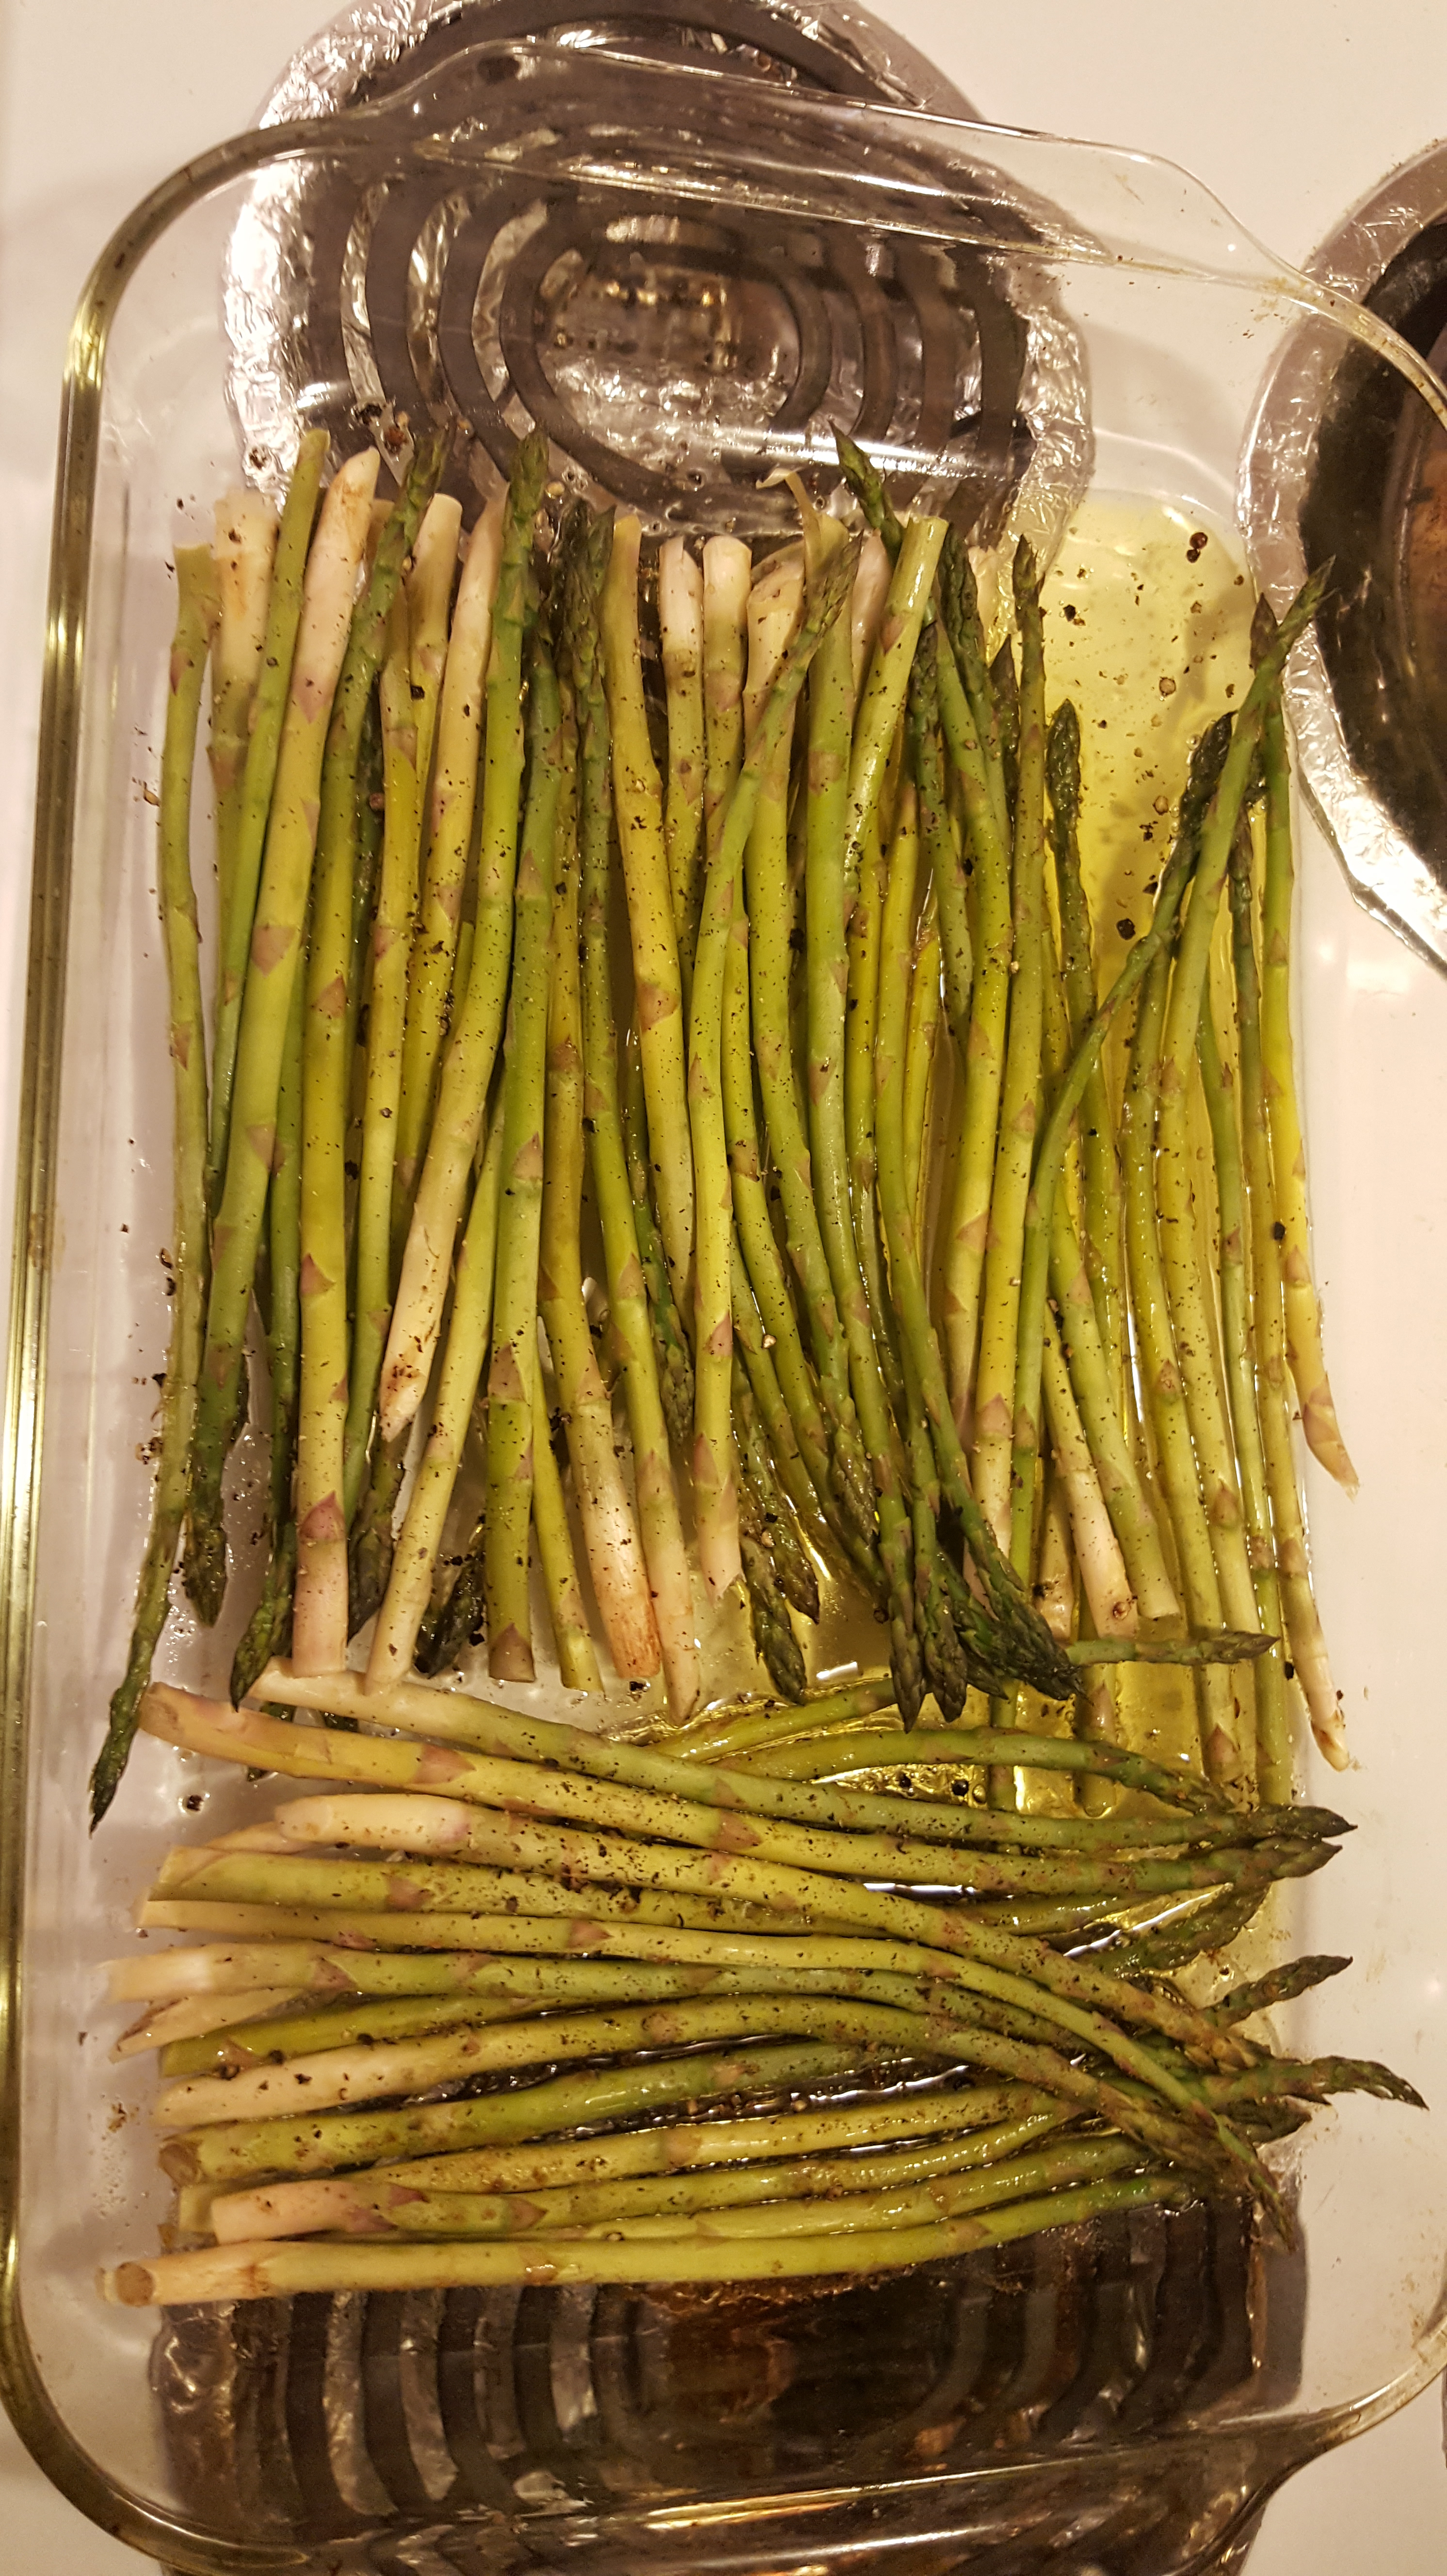 Homemade recipes for psoriasis asparagus